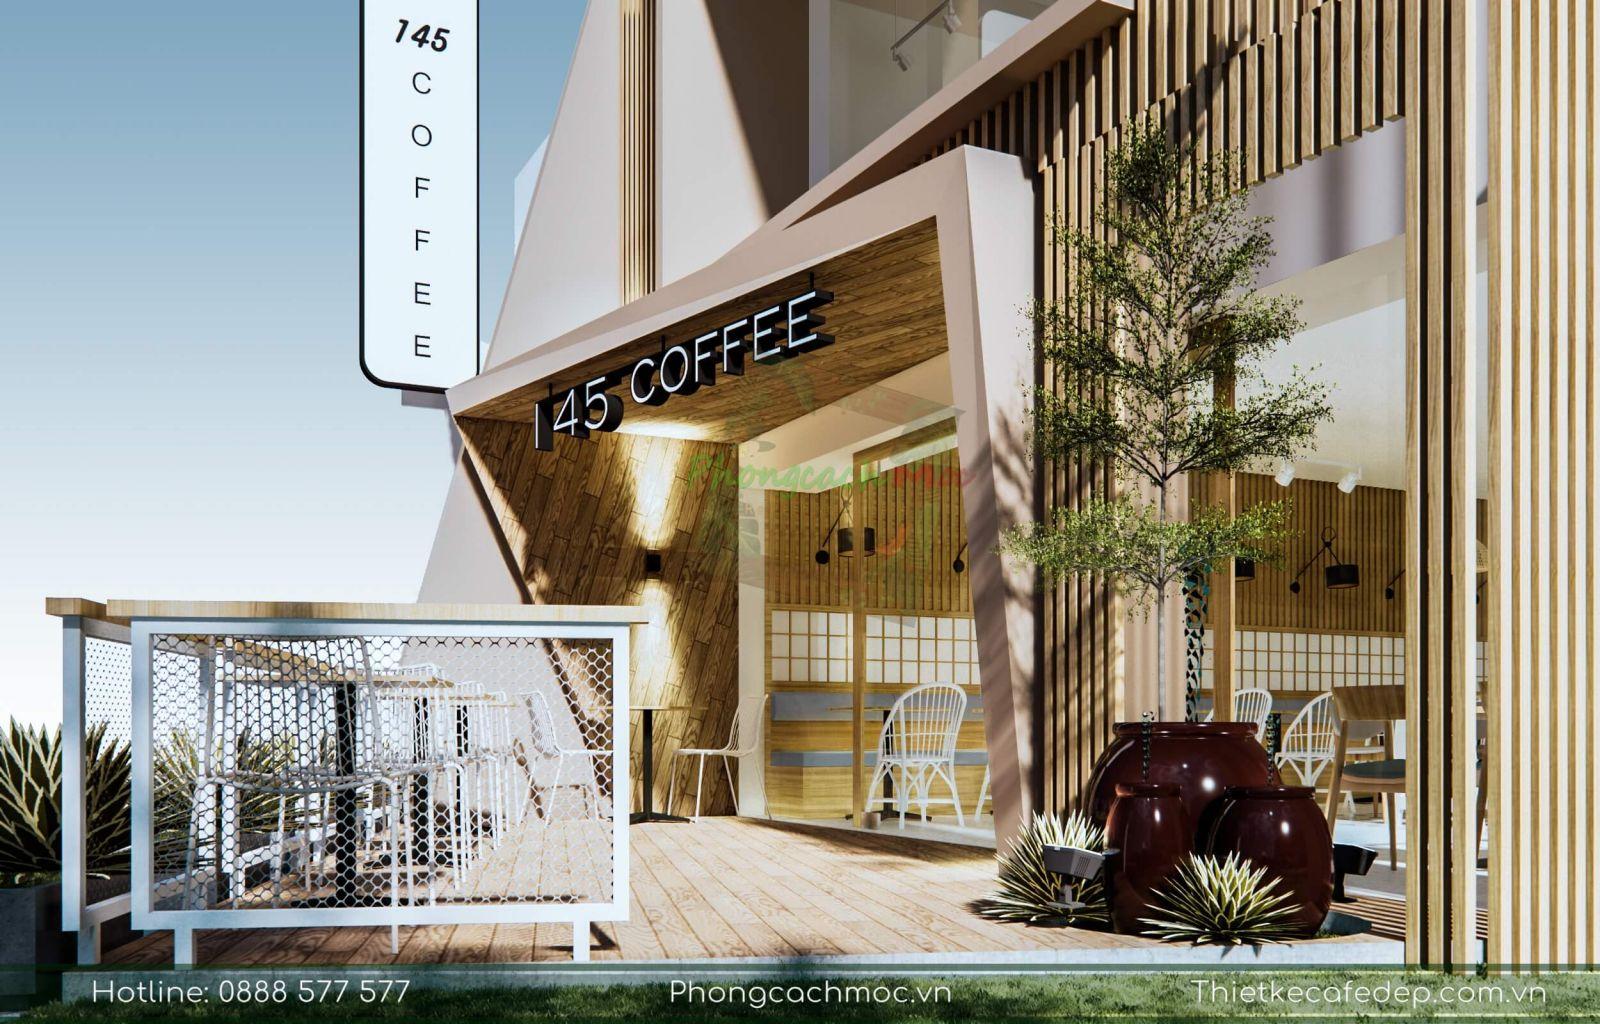 bang-quang-cao-thiet-ke-quan-cafe-145-coffee-house